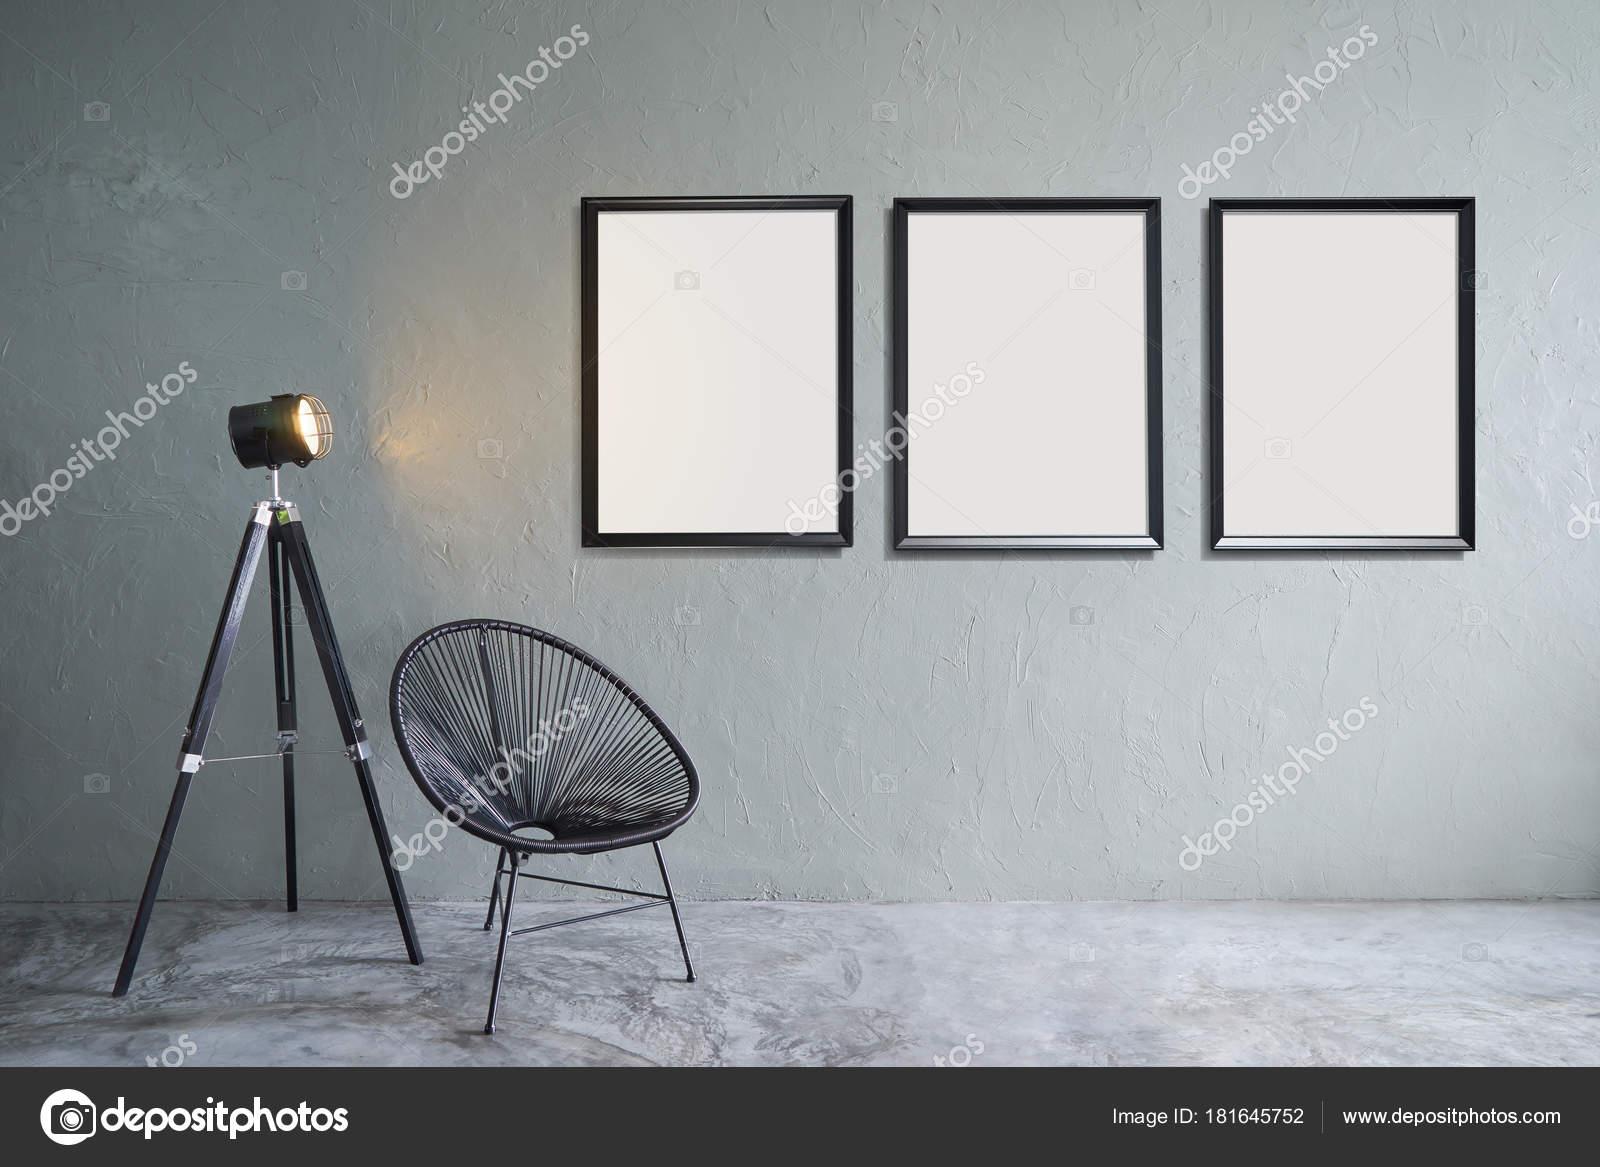 Zimmer Mit Drei Leere Bilderrahmen Schwarzen Stuhl Und Lampe Stehen ...